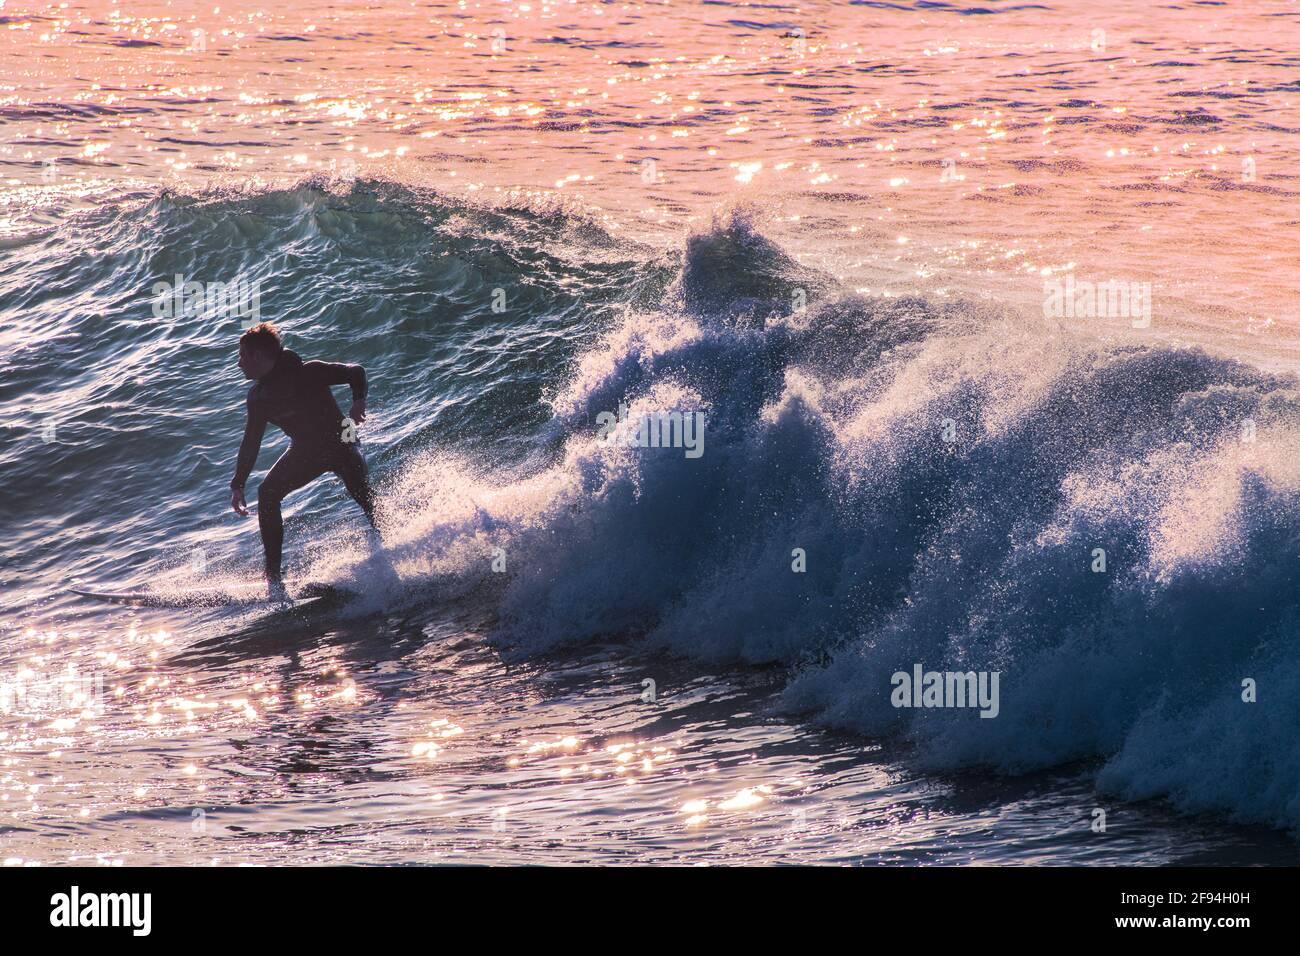 La vague d'un surfer dans Fistral à Newquay en Cornouailles. Banque D'Images